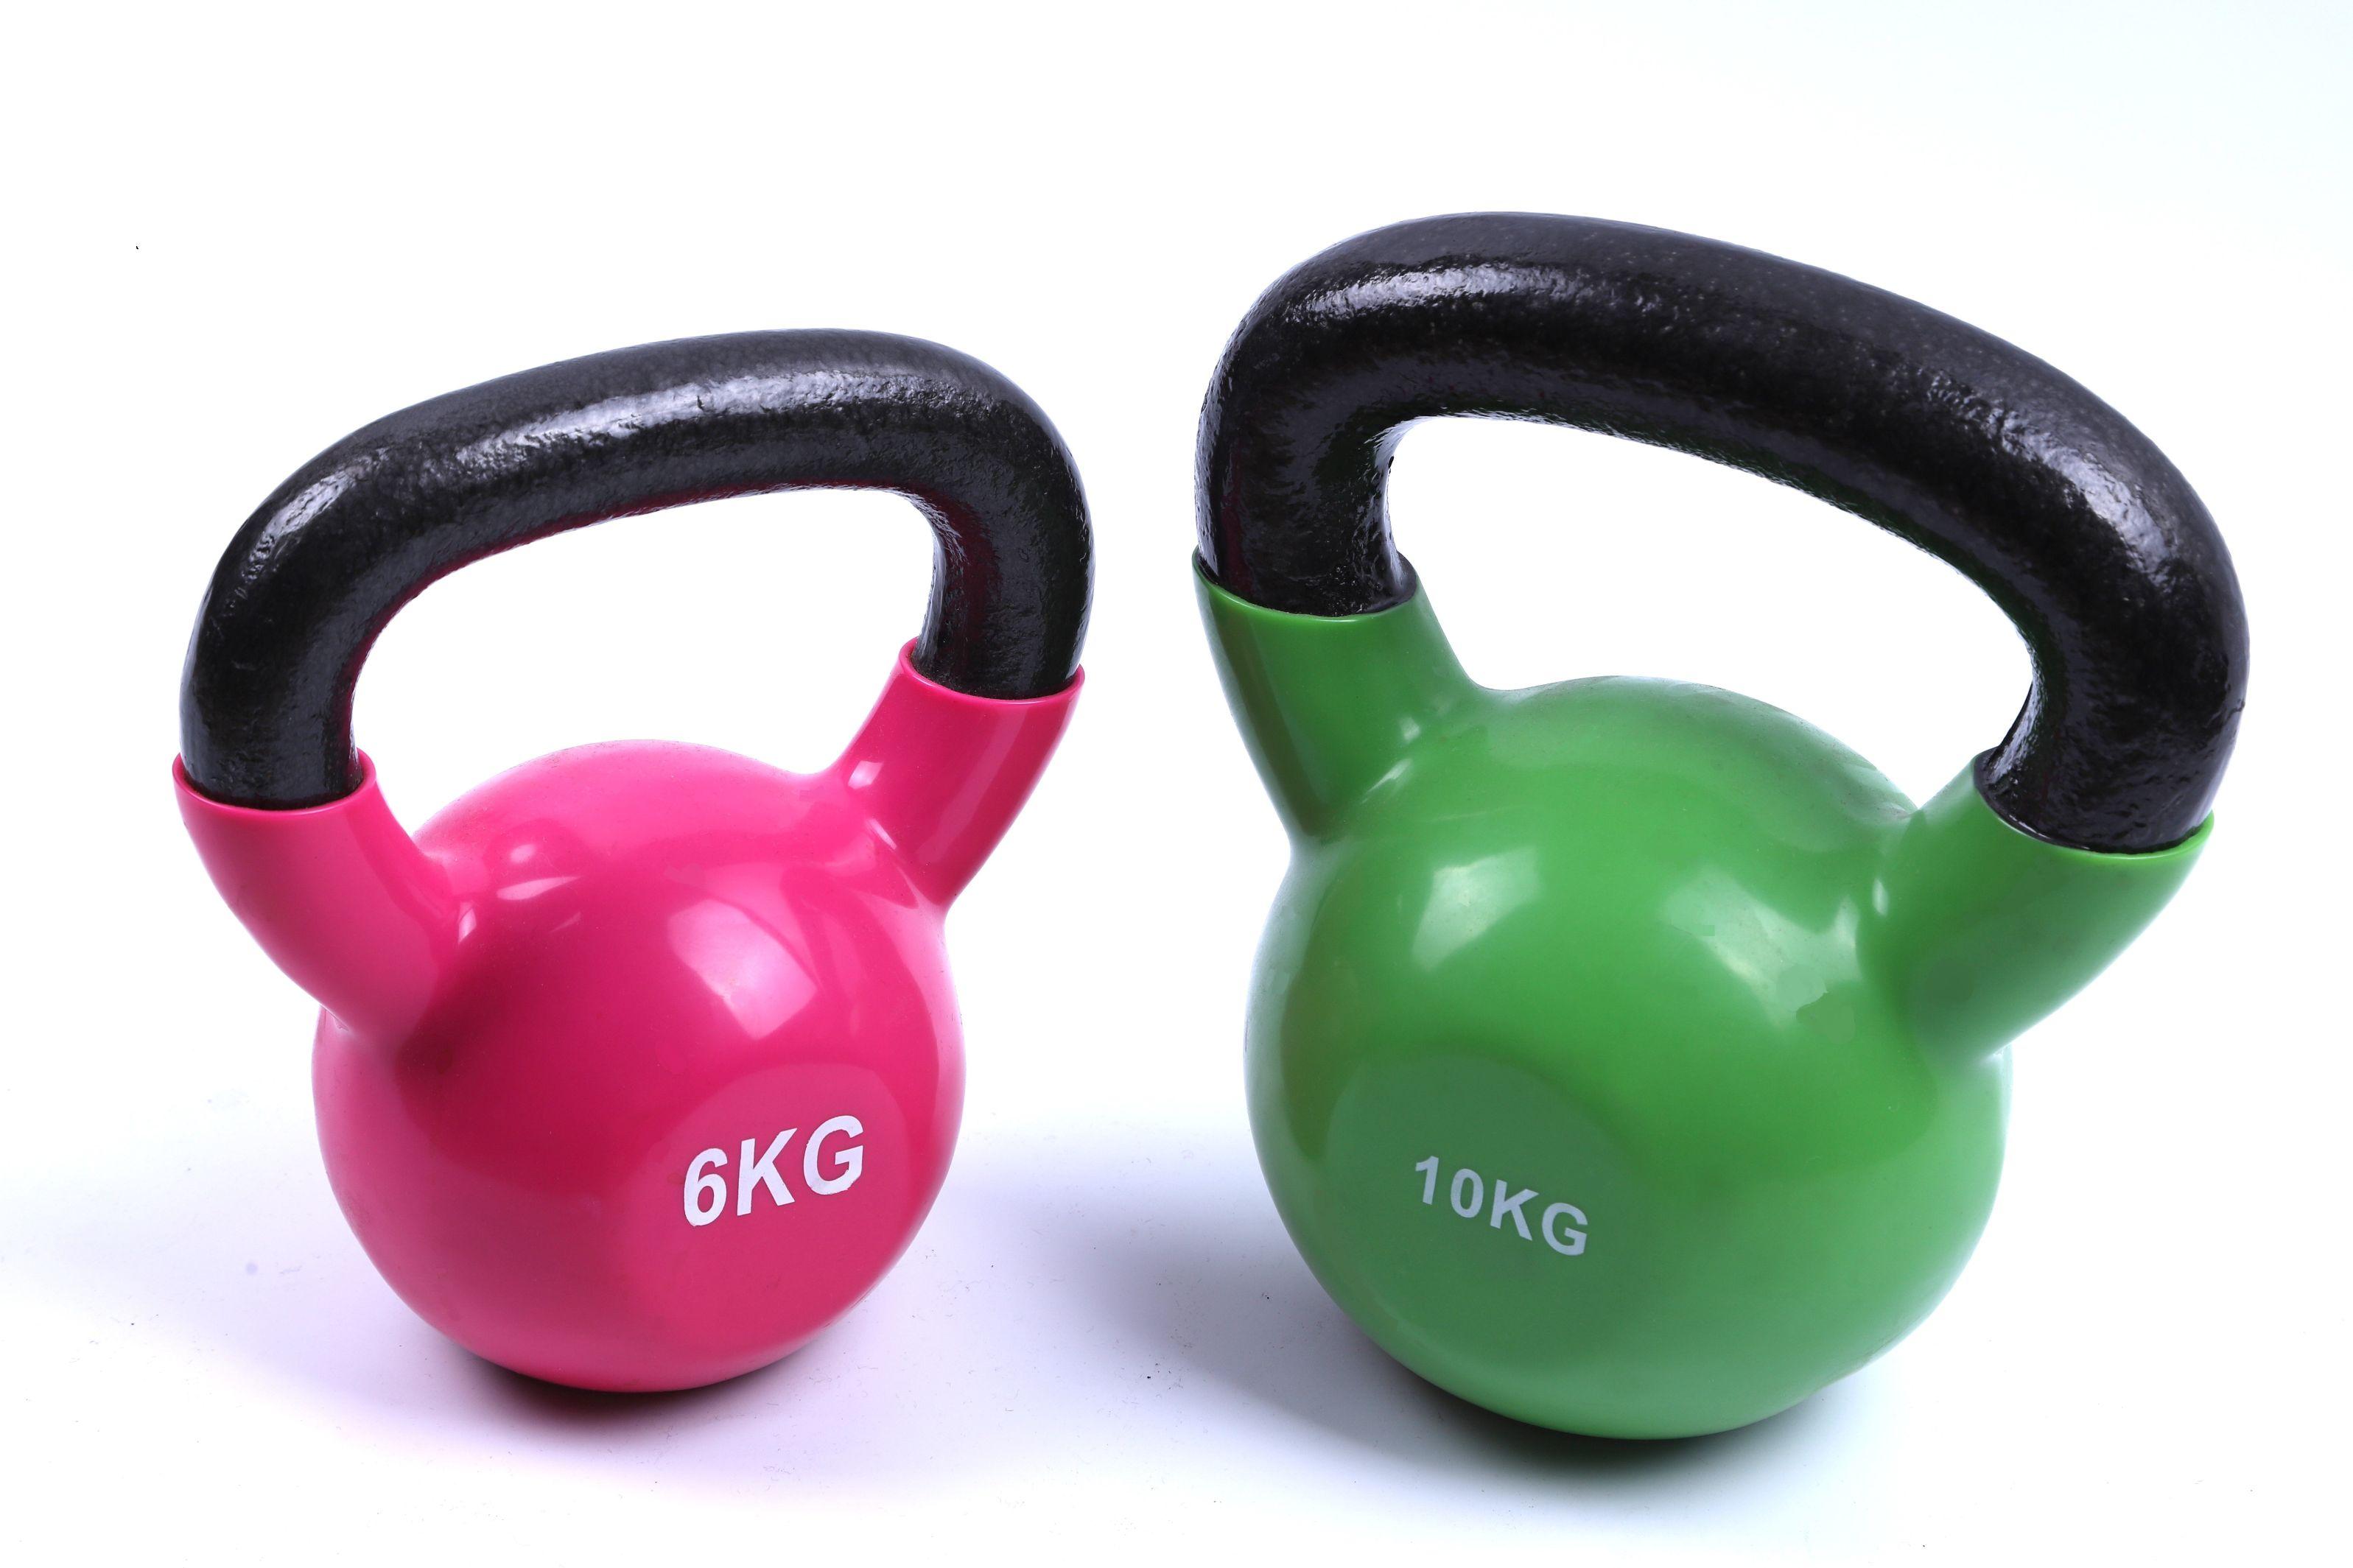 光面浸塑壶铃家用健身体育器材厂家批发锻炼手臂肌肉